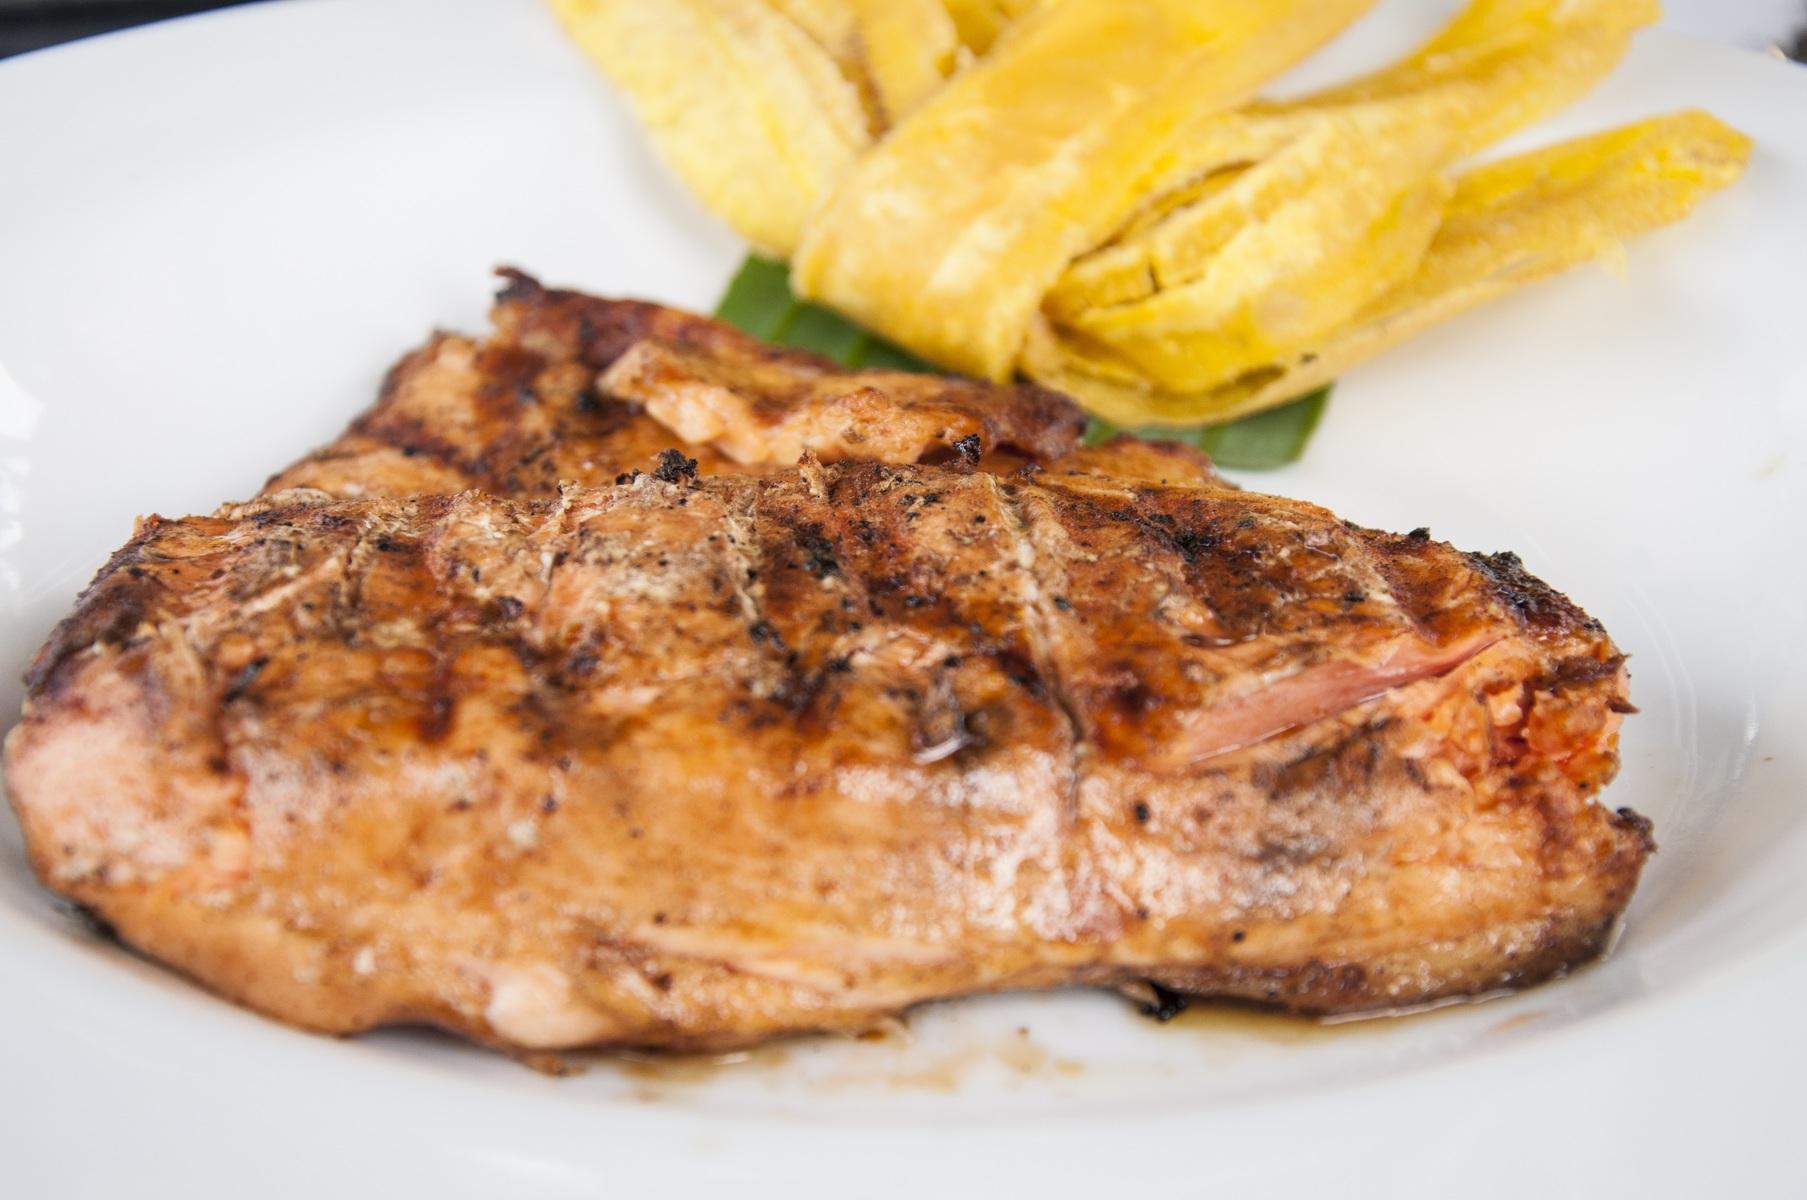 стейк из свинины на гриле на тарелке